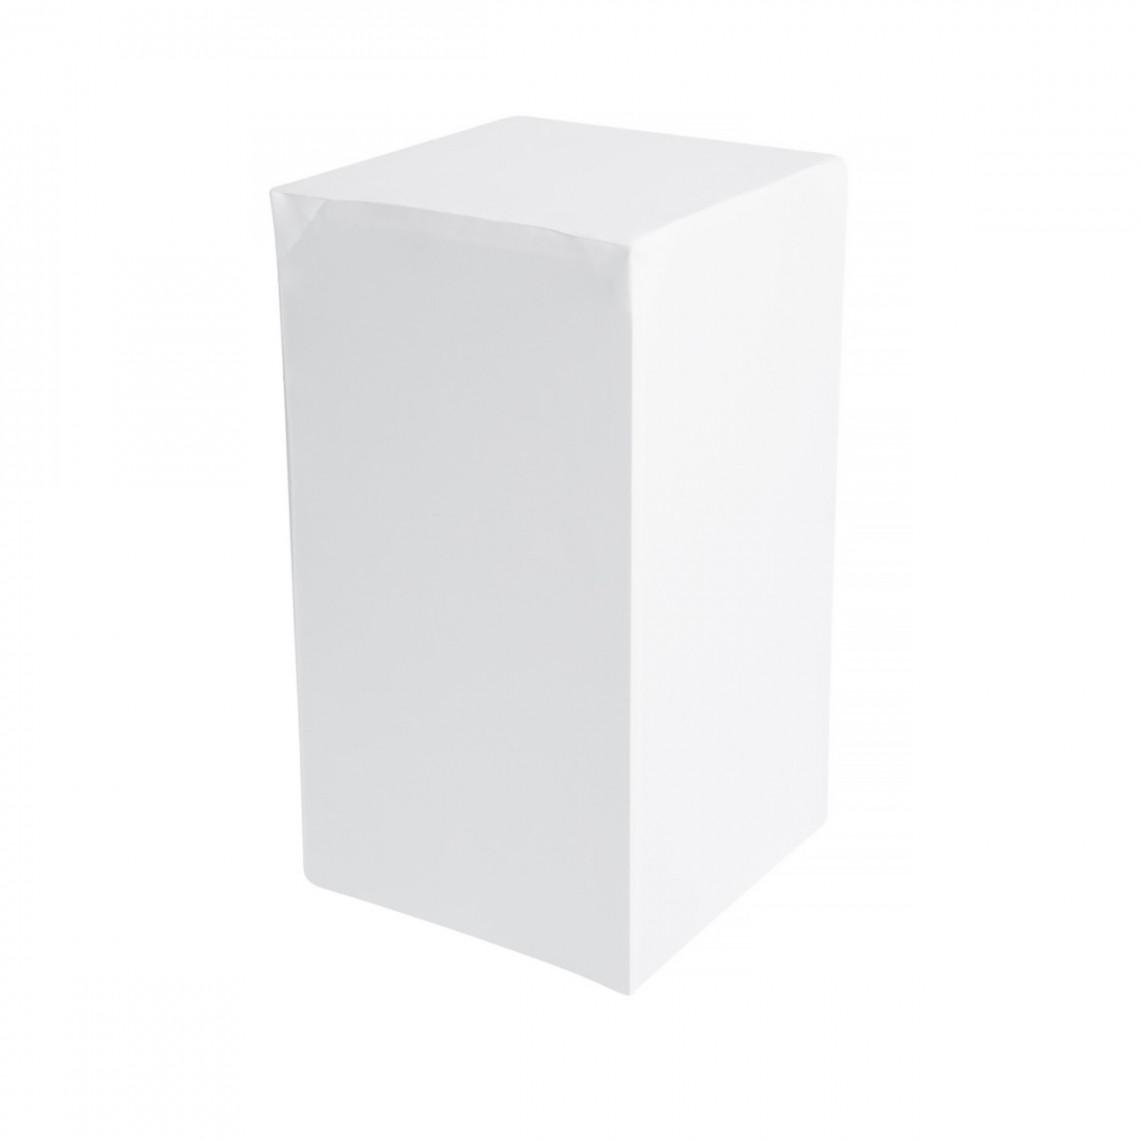 Housse Zoe (M1) blanche pour colonne Luxor carrée (H72)